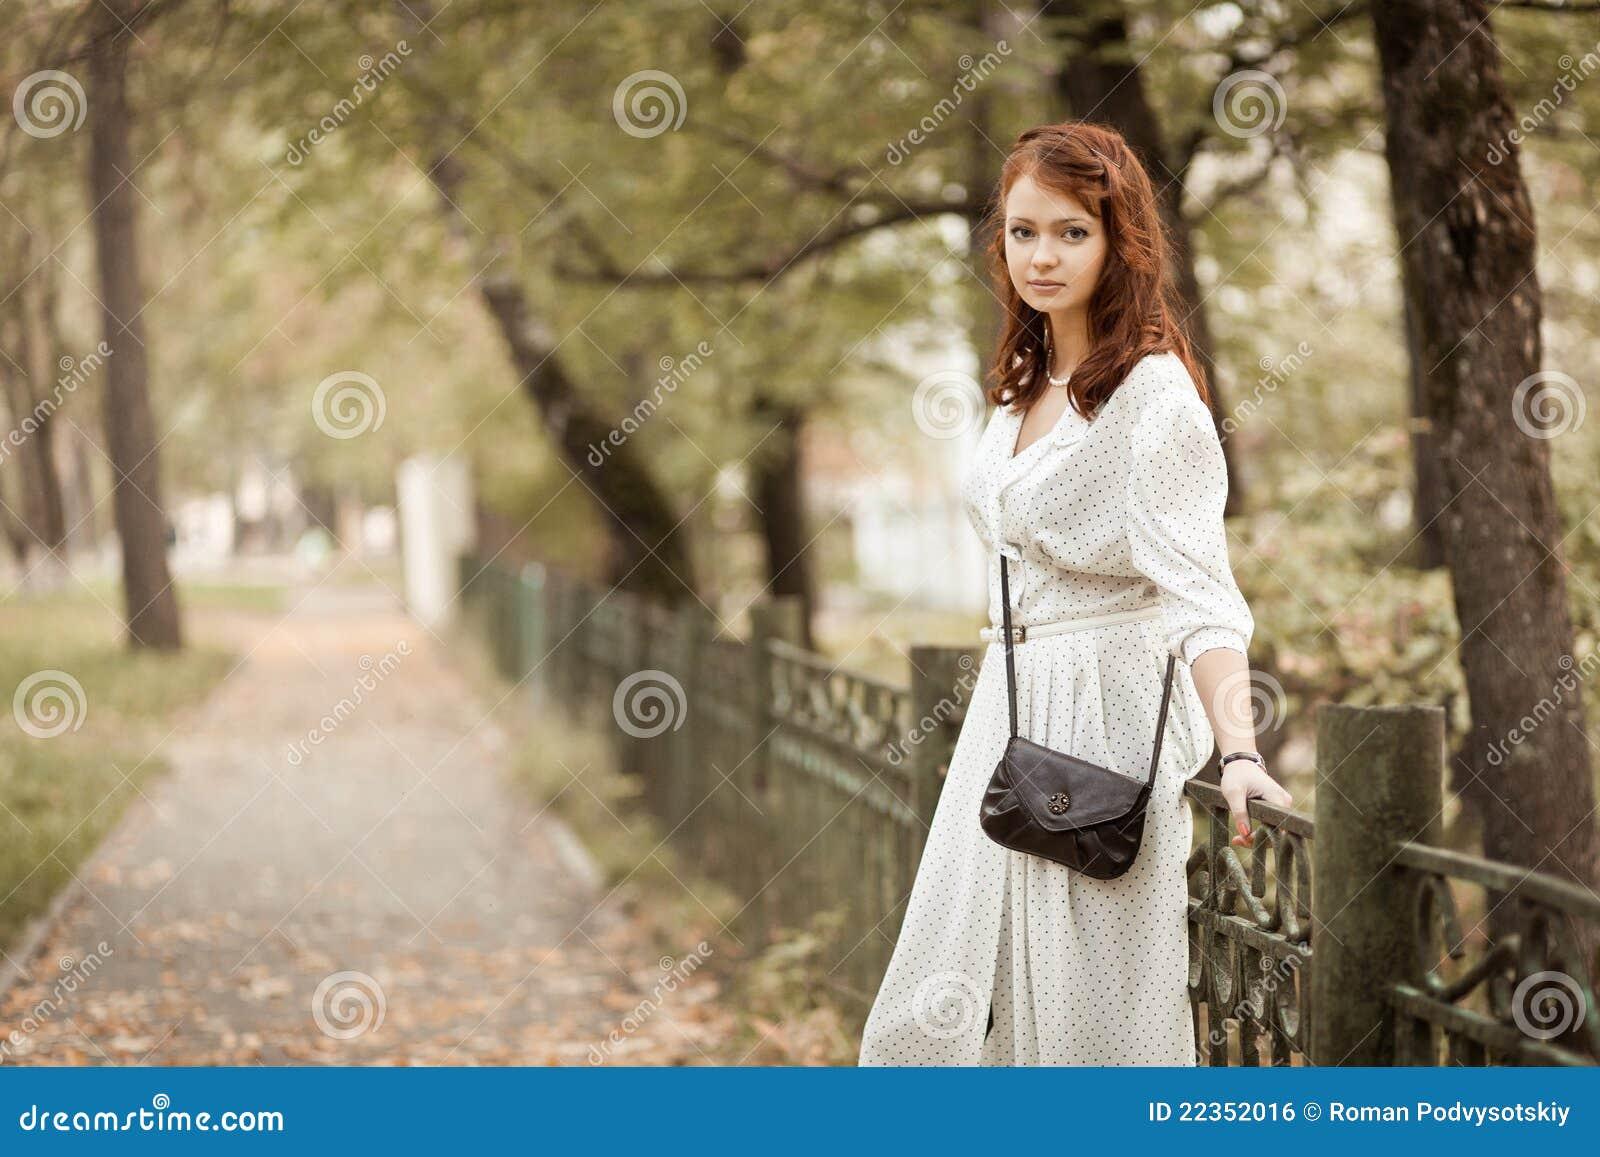 公园的红头发人女孩